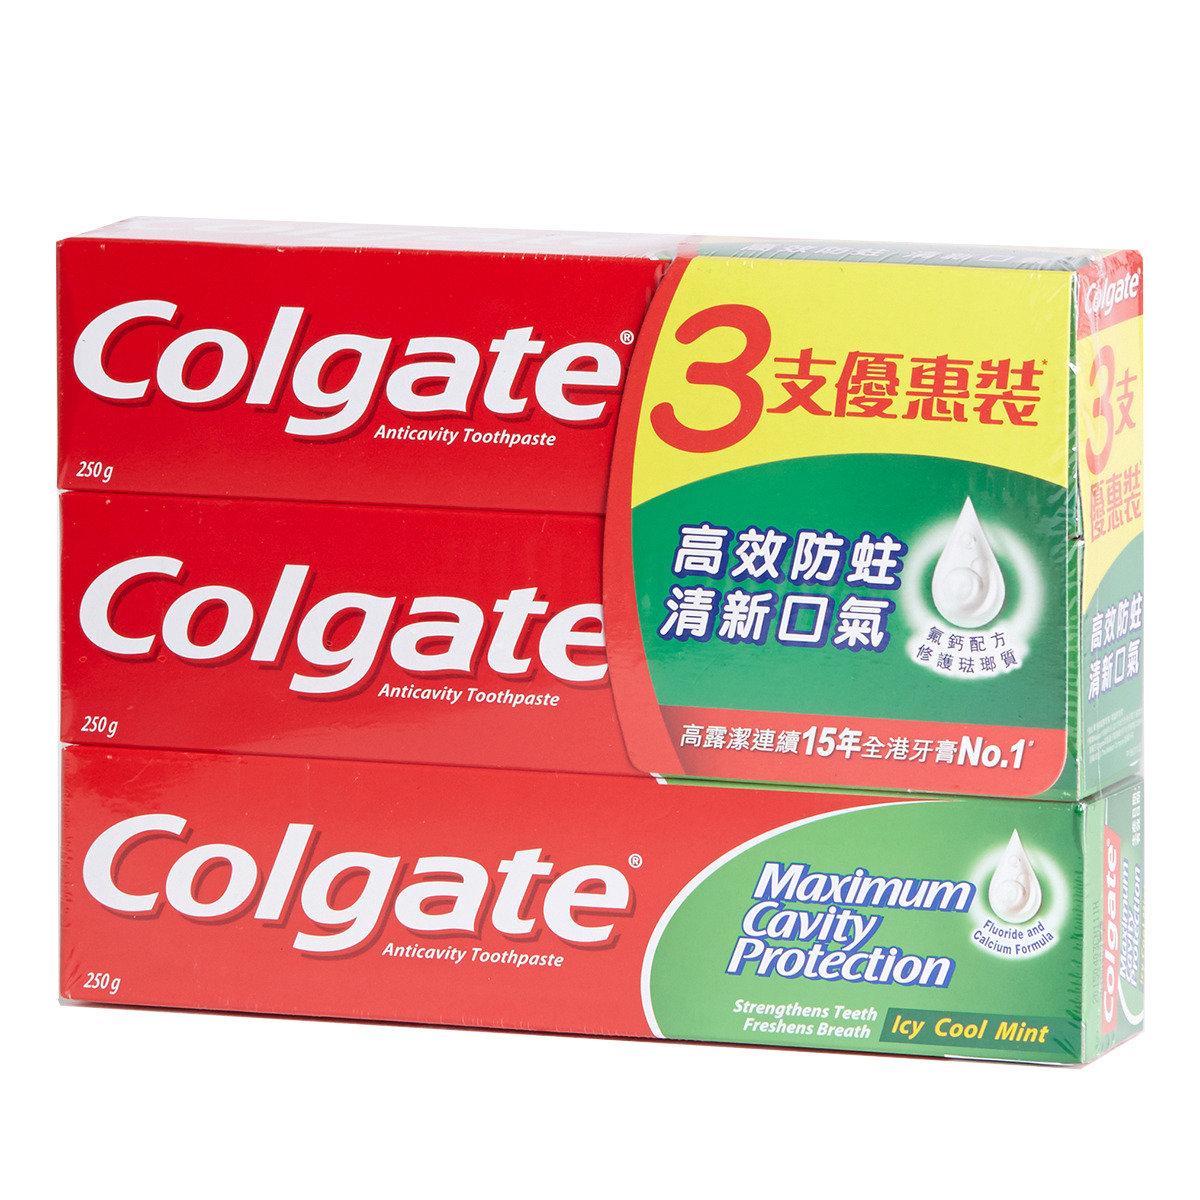 清涼薄荷牙膏優惠裝